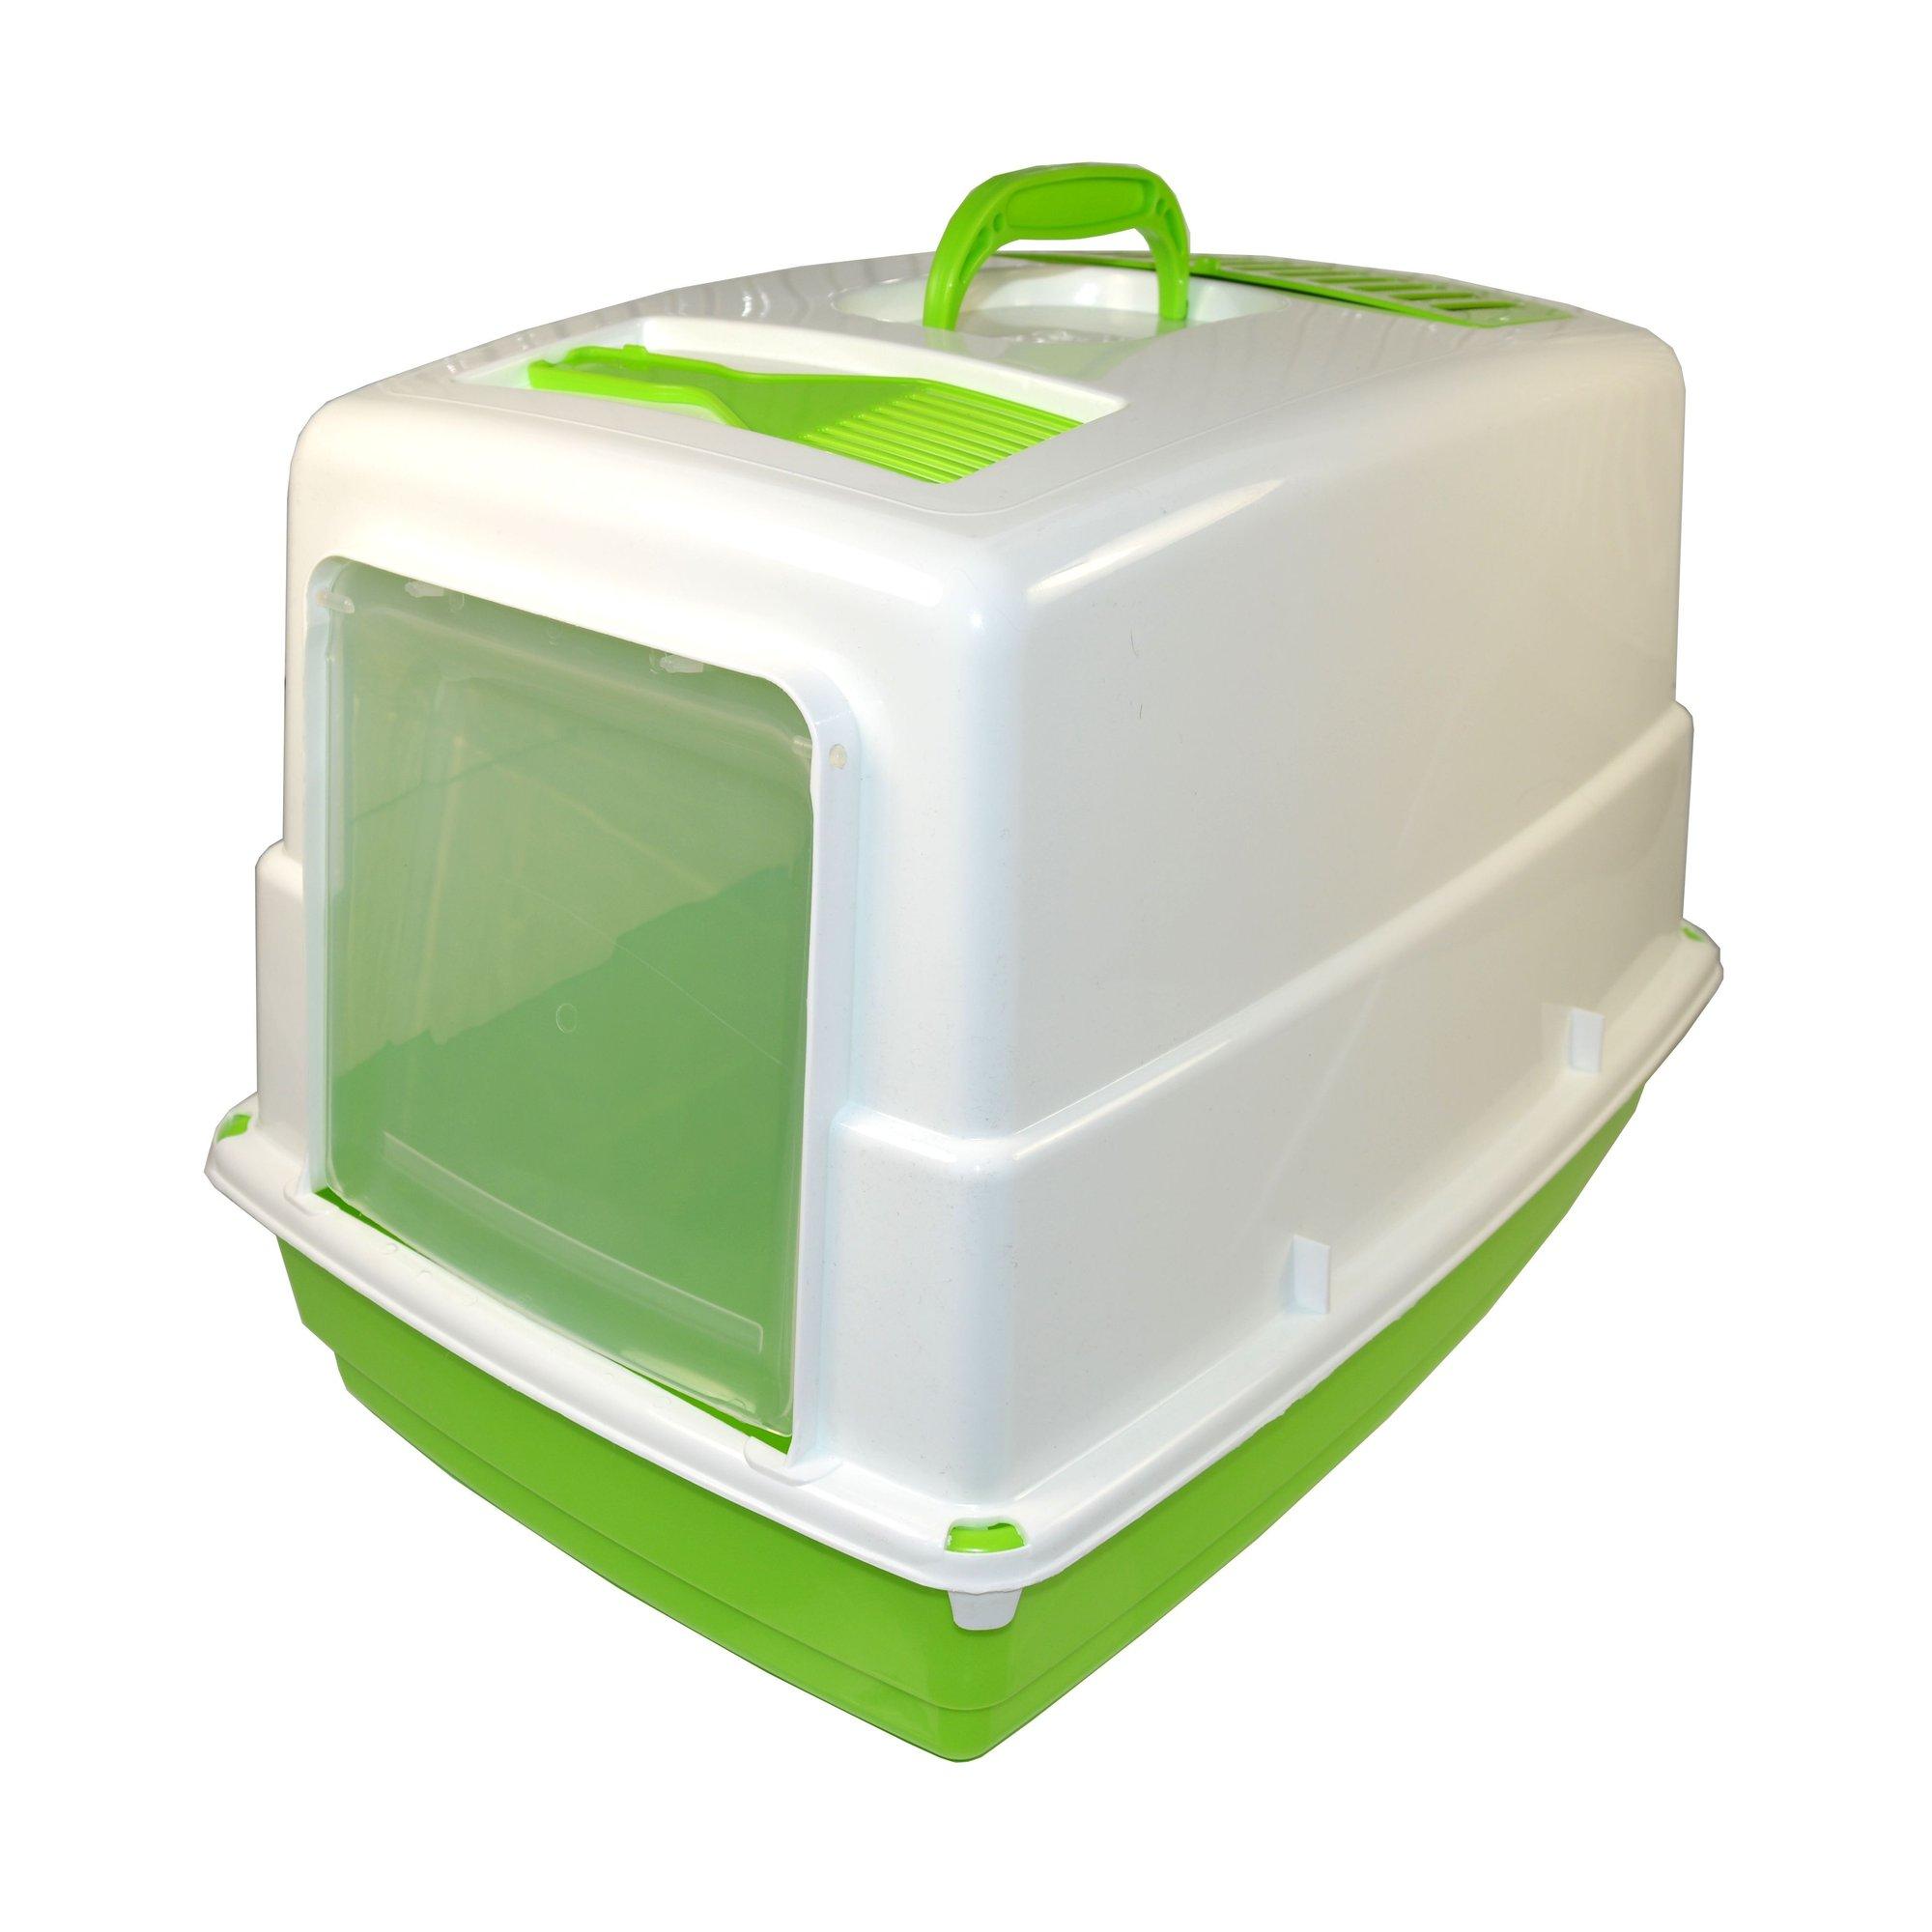 Krytá toaleta s filtrem a lopatkou Argi - zelená - 54 x 39 x 39 cm